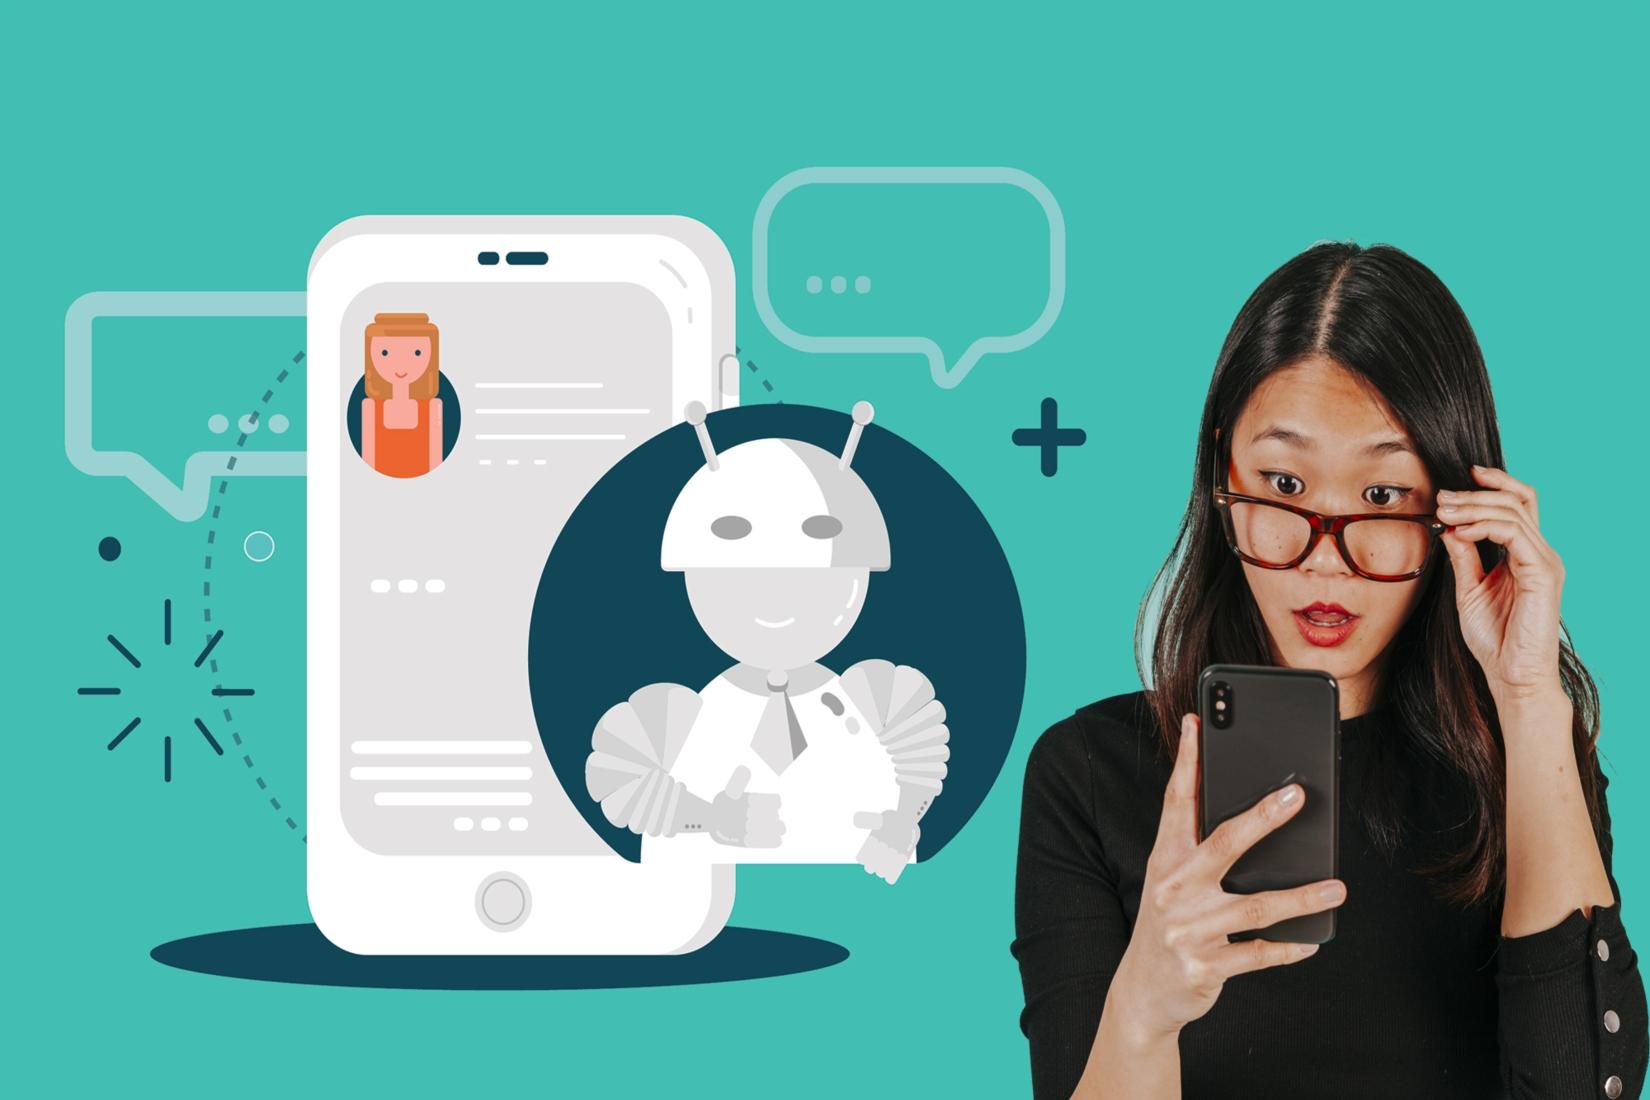 El Marketing Digital a través de Whatsapp y los Chatbot personalizados de Facebook